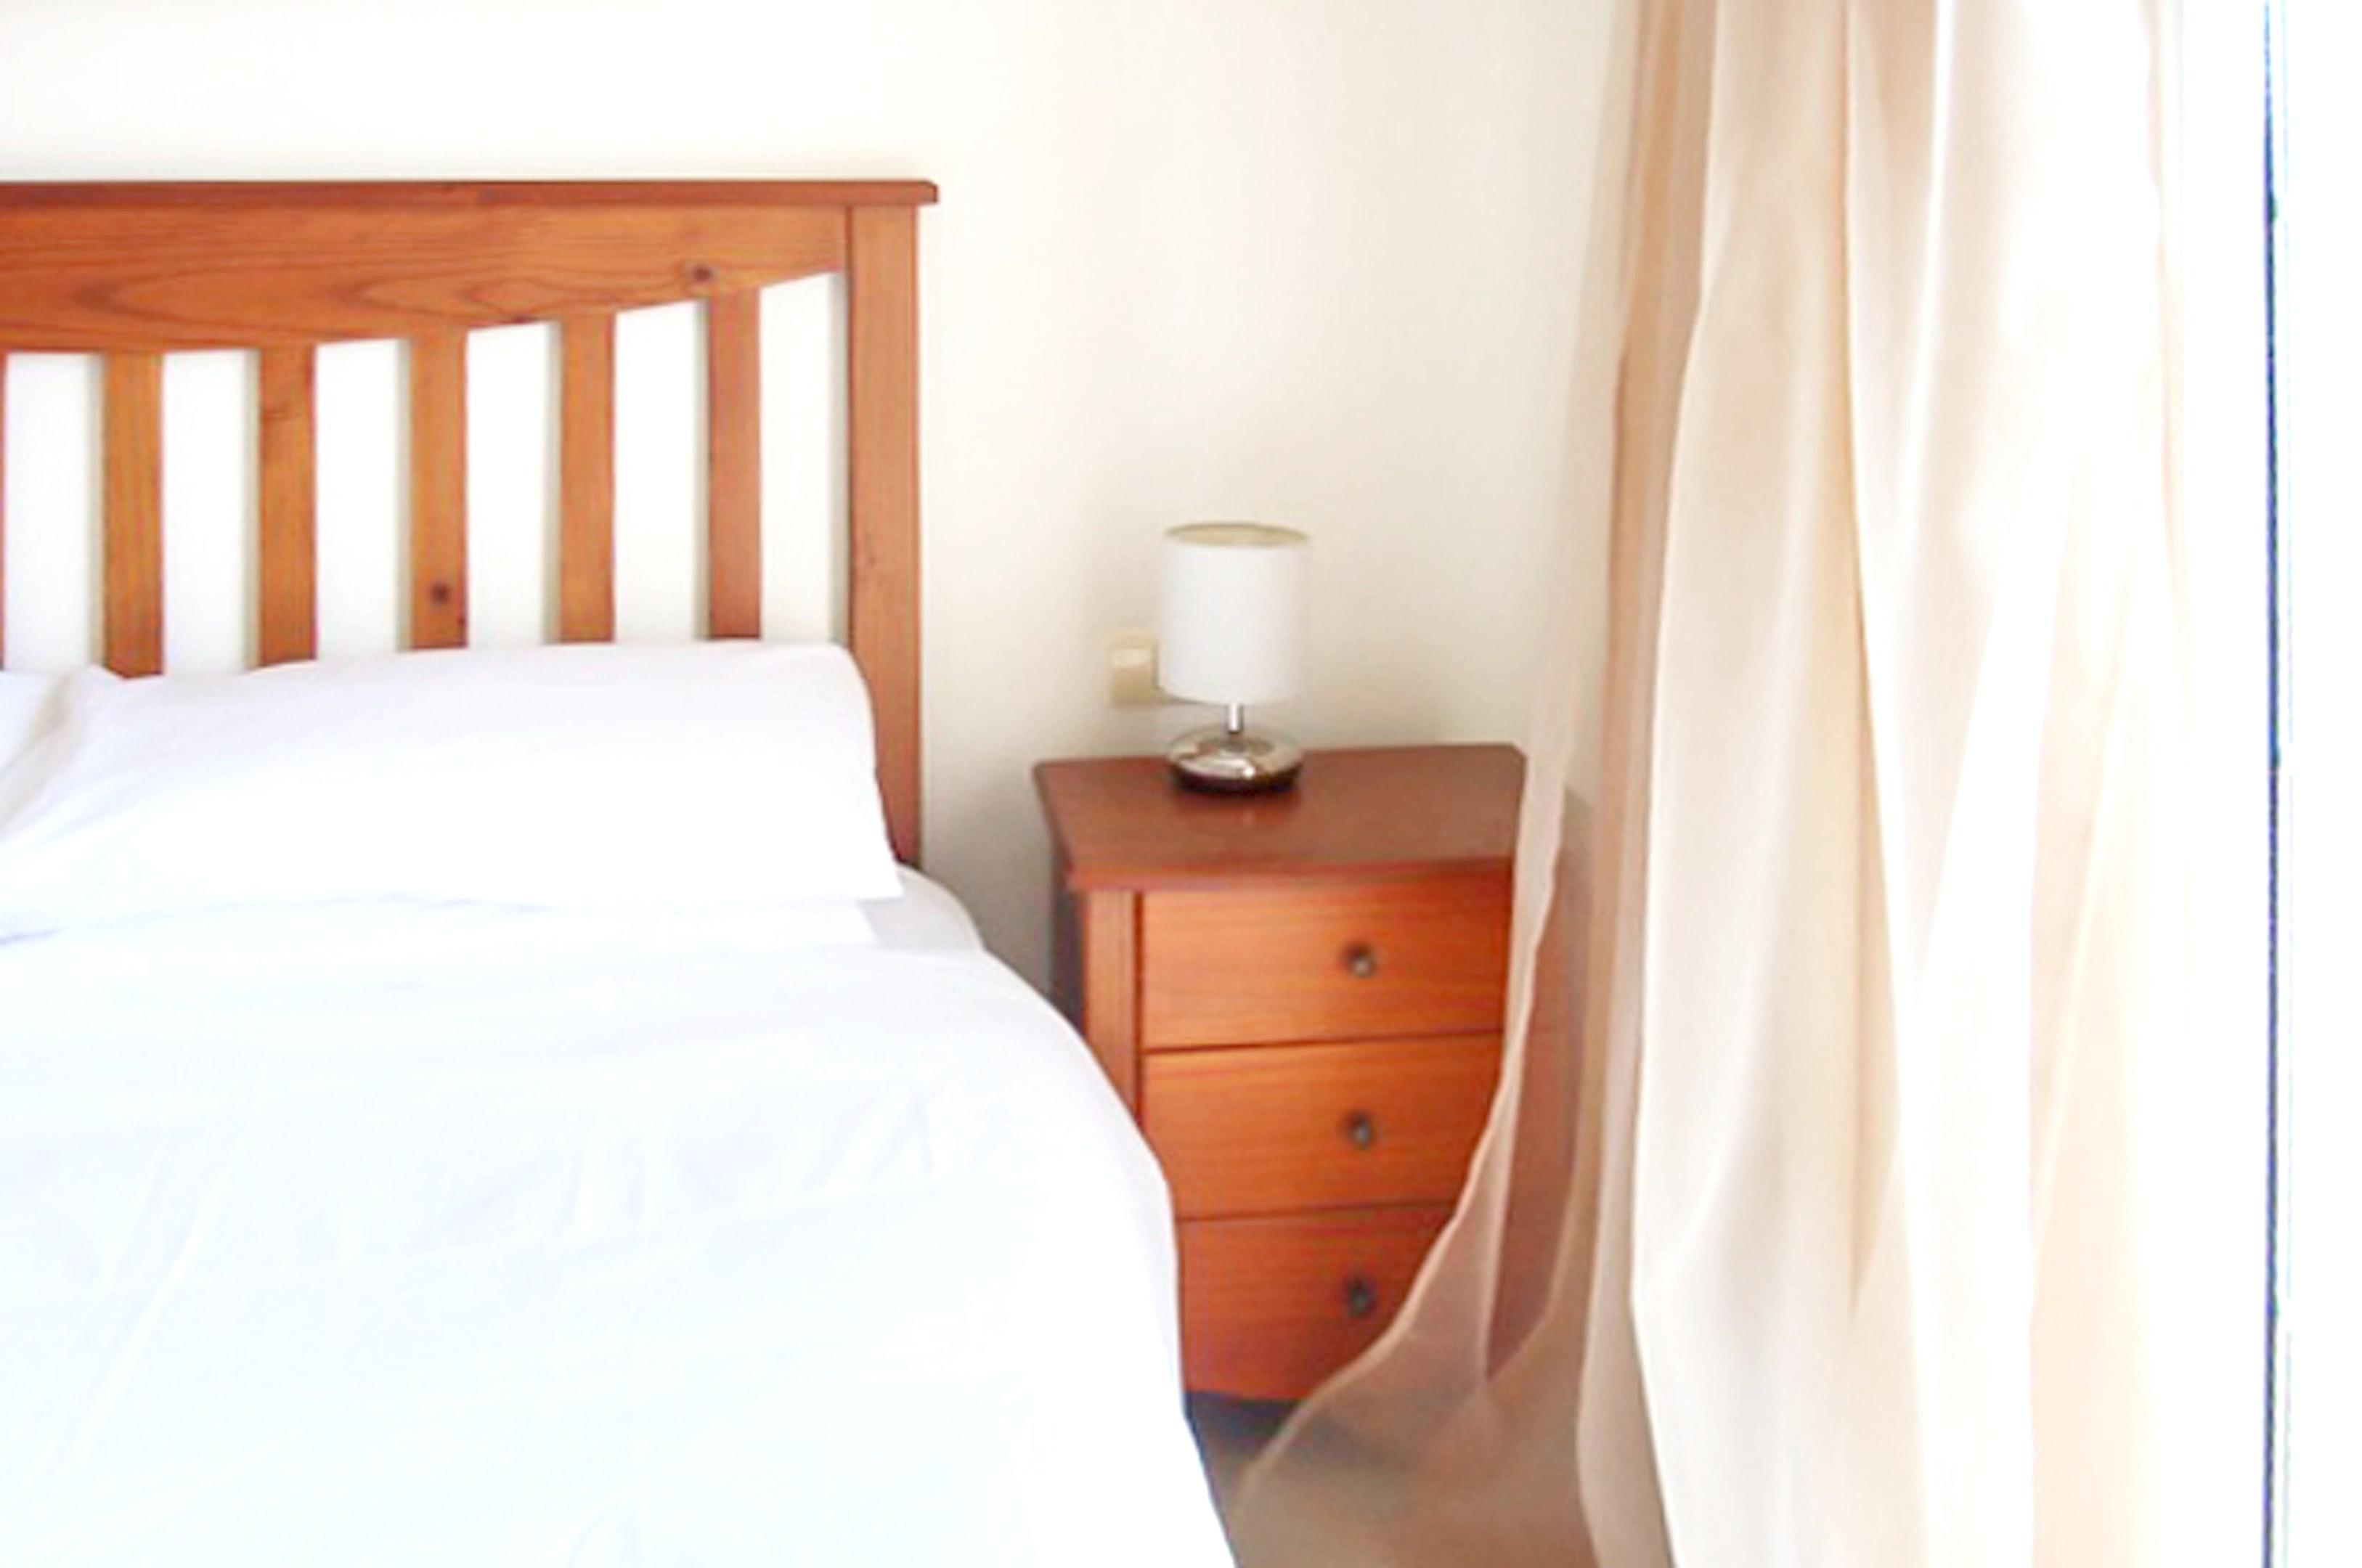 Appartement de vacances Wohnung mit 2 Schlafzimmern in Palm-Mar mit Pool, möblierter Terrasse und W-LAN - 800 m vo (2201692), Palm-Mar, Ténérife, Iles Canaries, Espagne, image 12